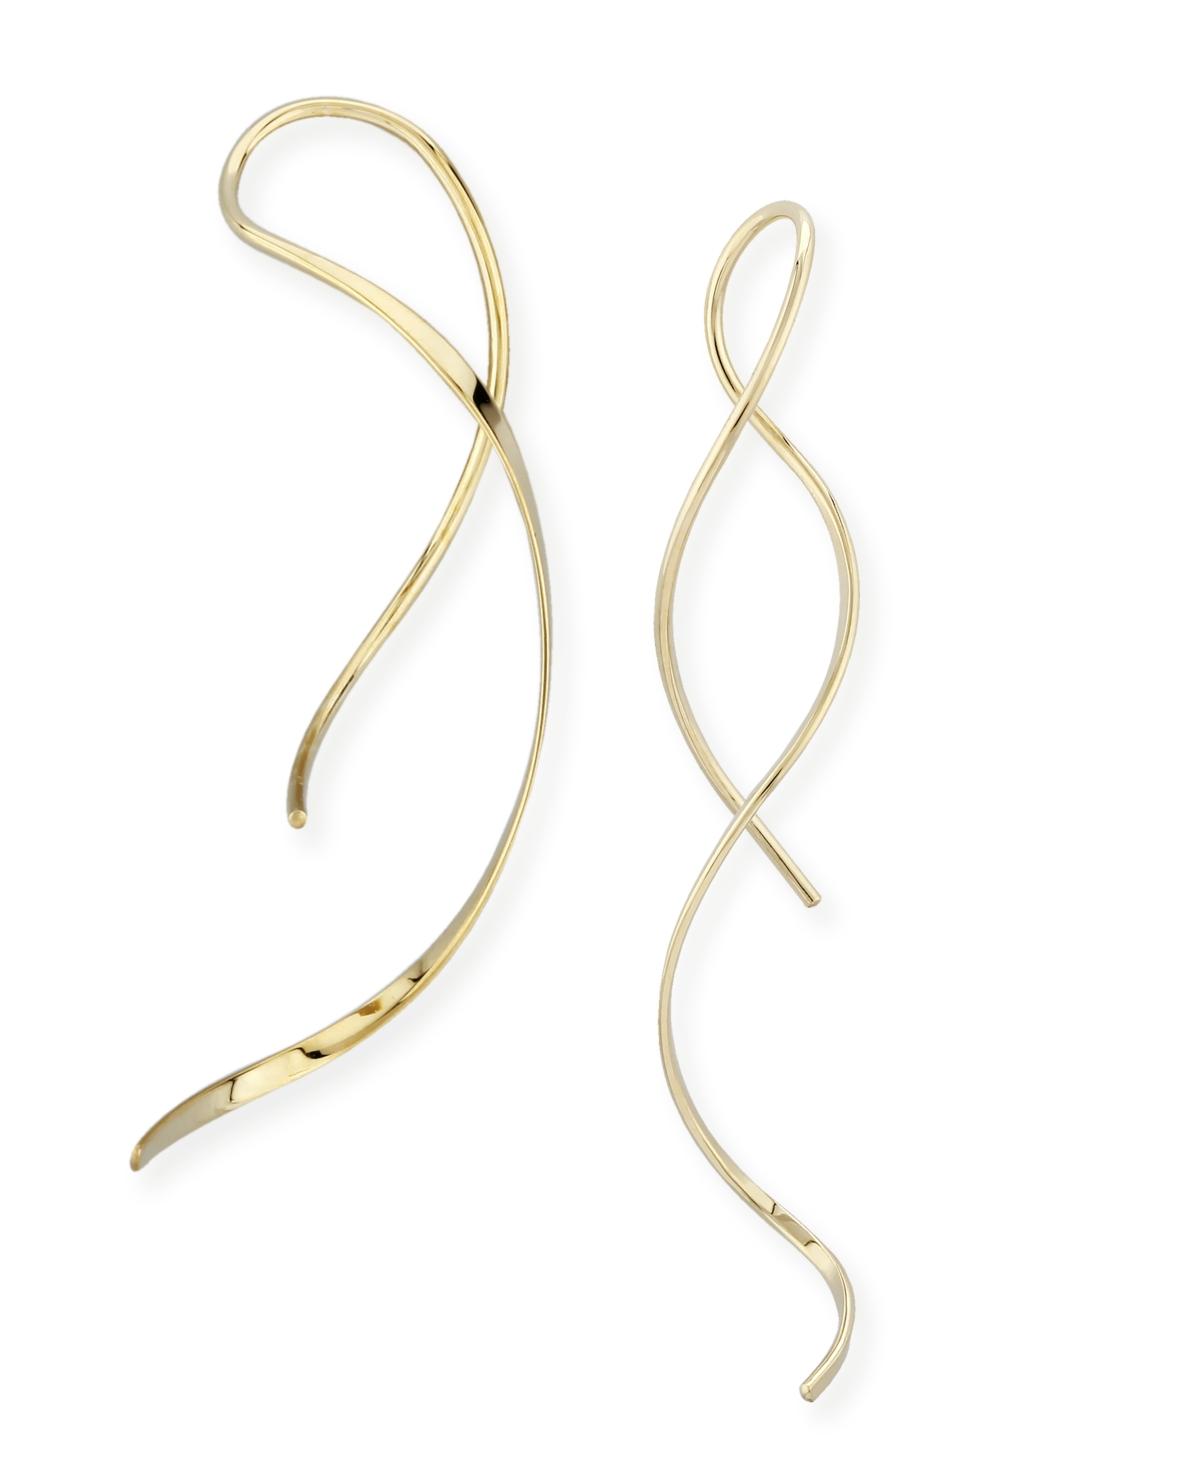 Freeform Swirl Threader Earrings Set in 14k Gold